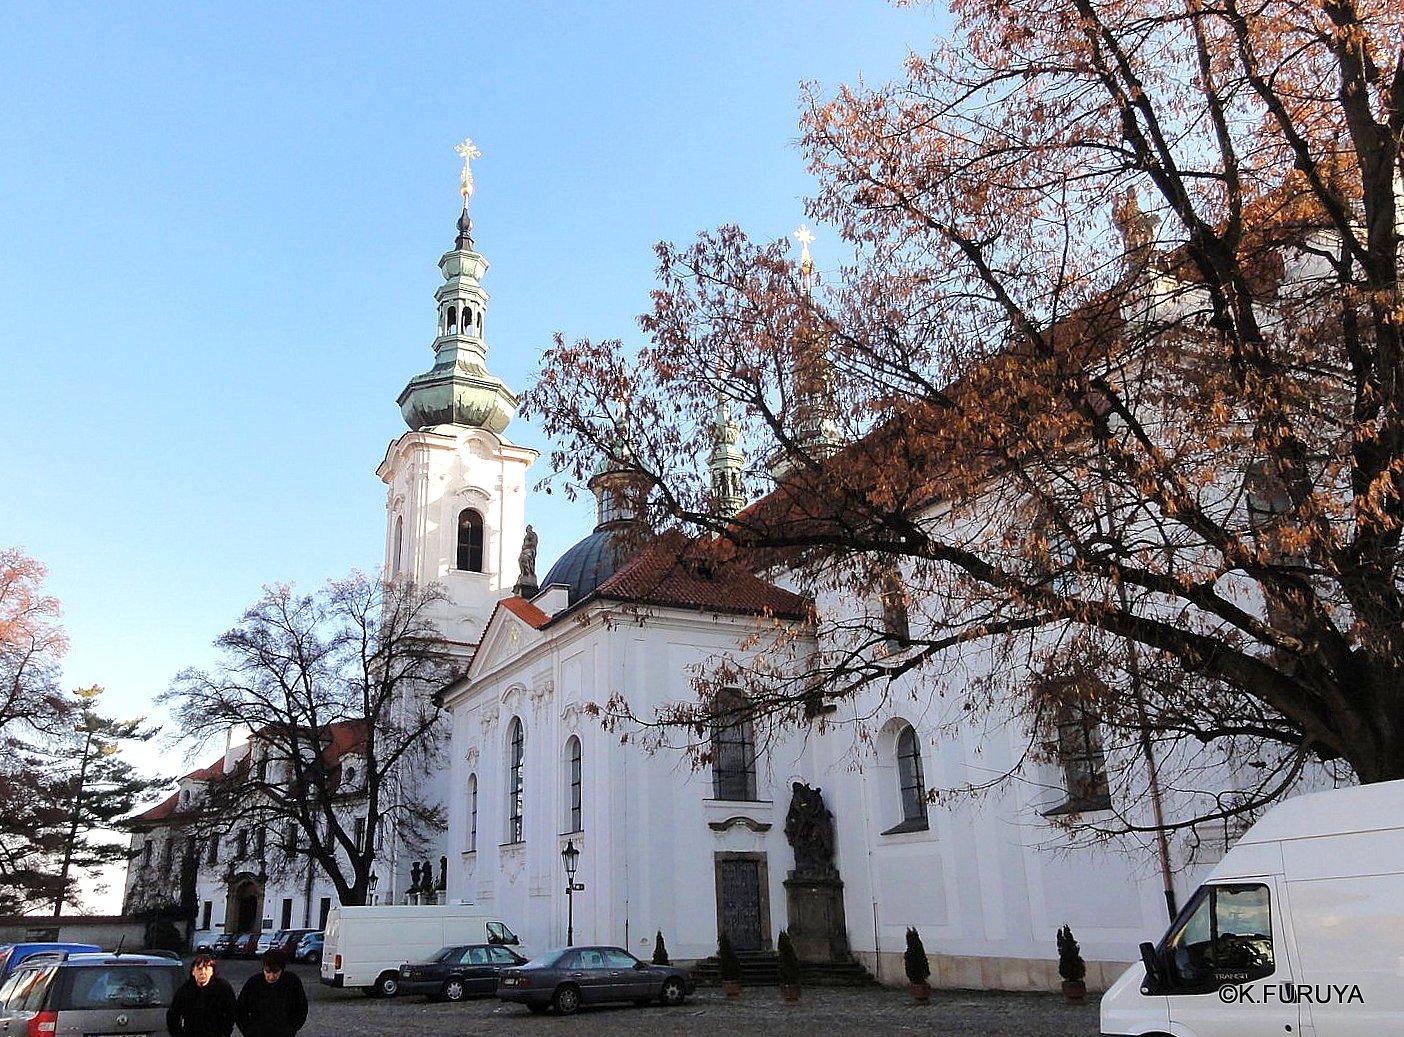 プラハ 1  ストラホフ修道院_a0092659_21242617.jpg